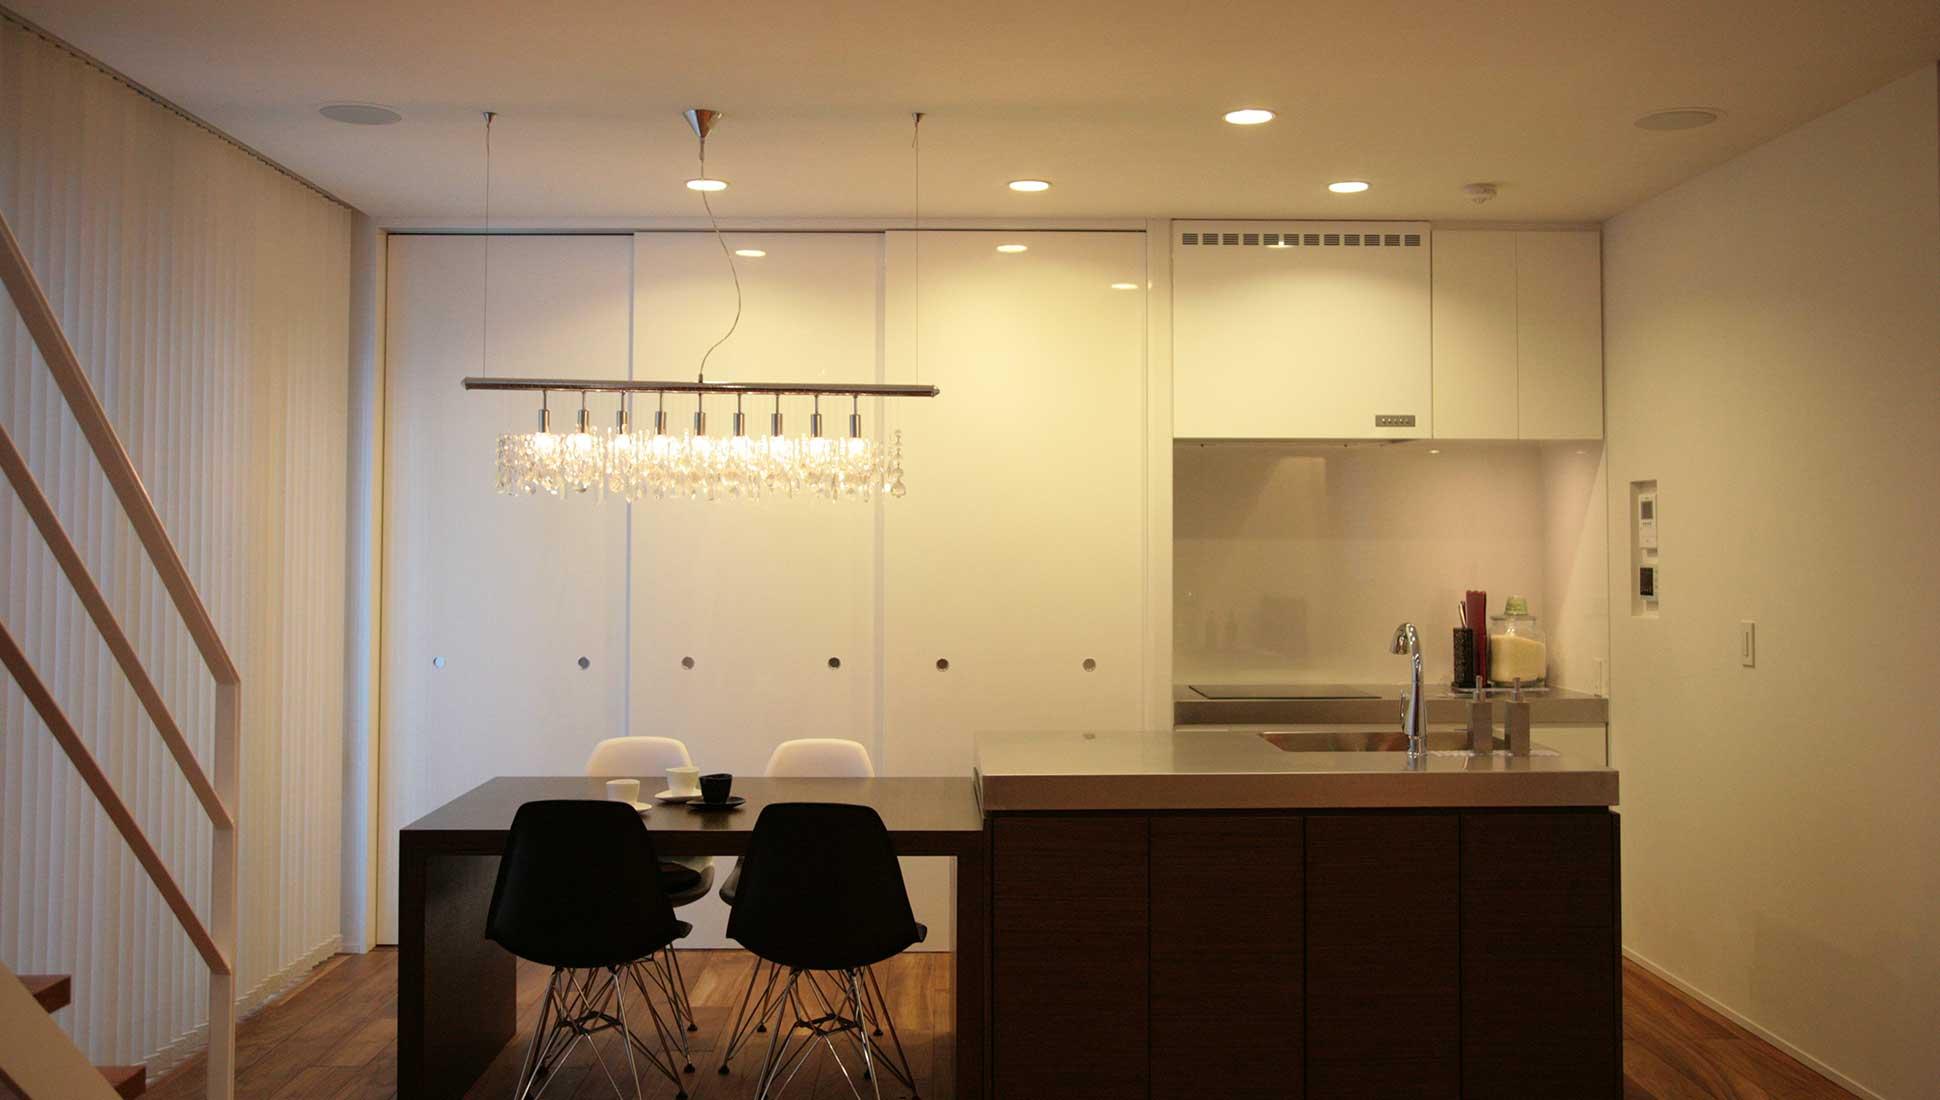 アイランド型オーダーキッチン:通り土間を、おしゃれにデザイン